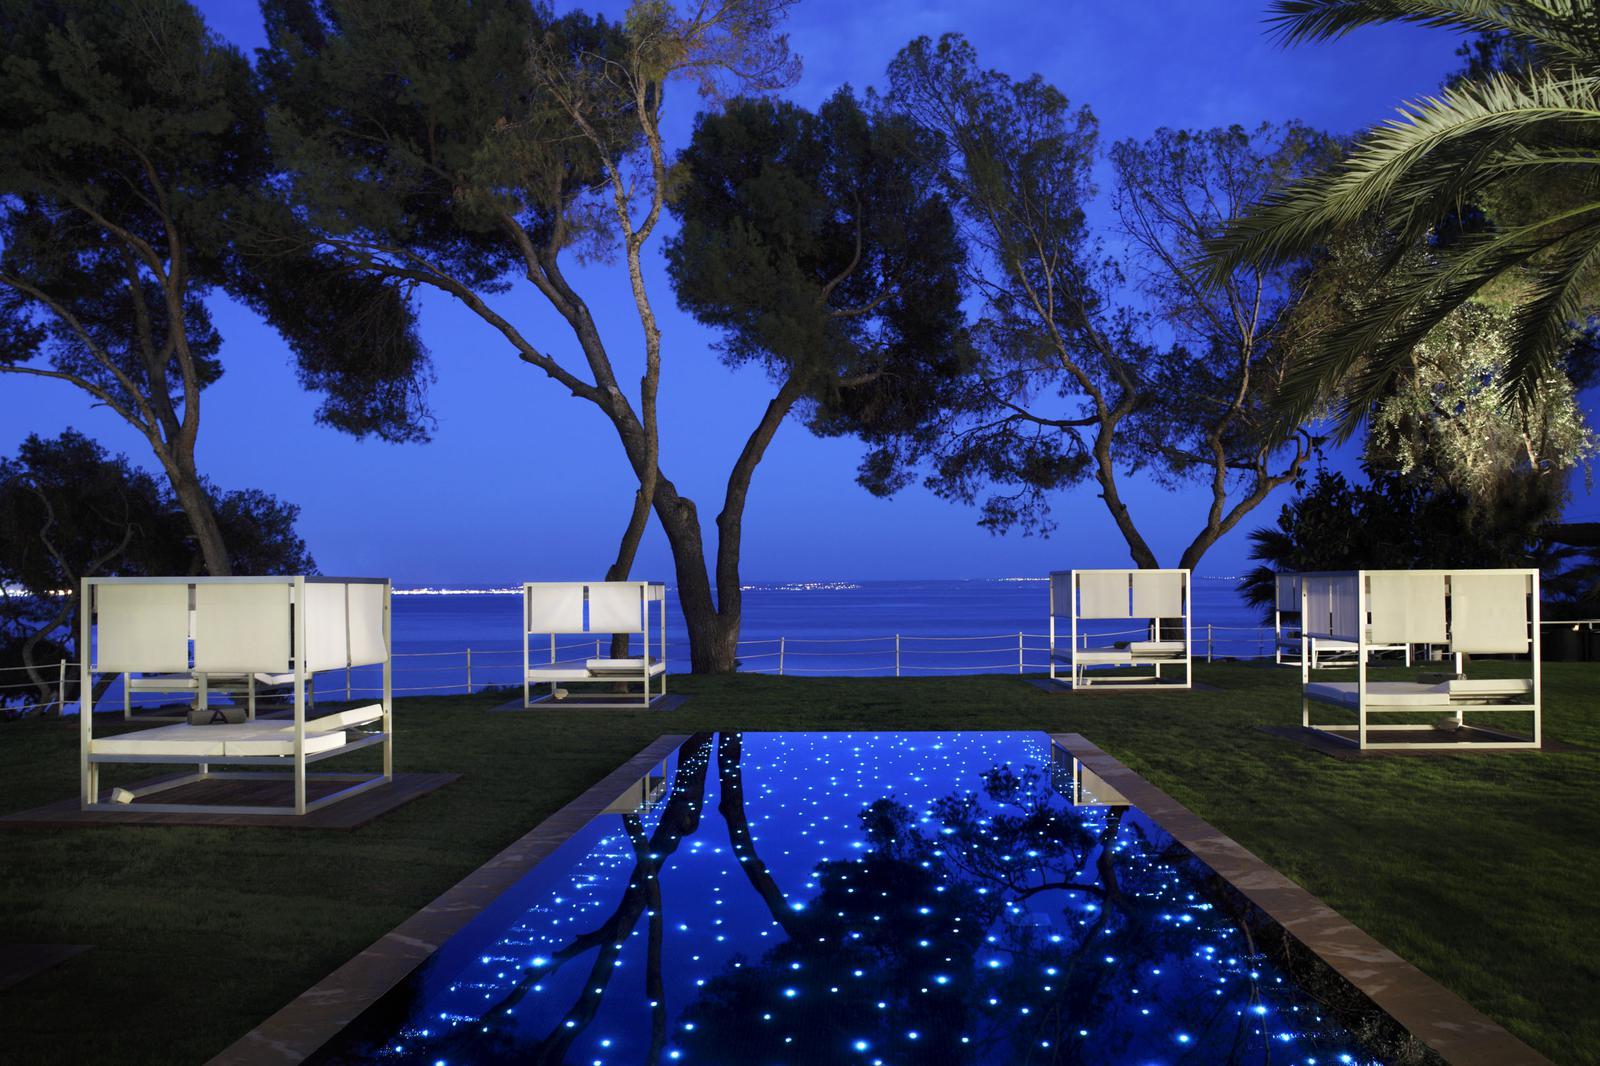 hoteles de playa en mallorca melia del mar